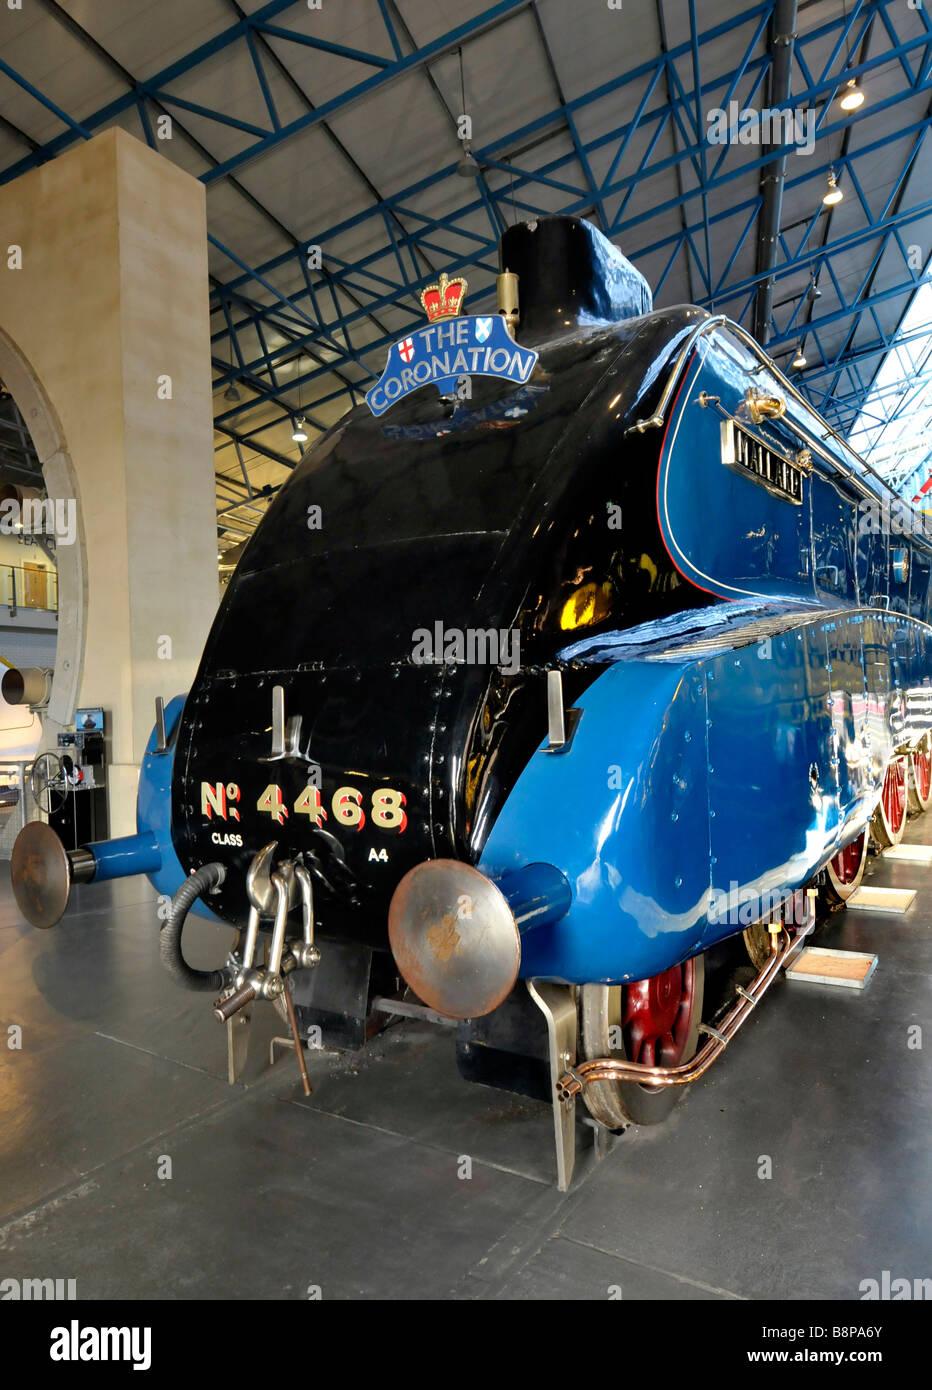 Mallard train, The National Railway Museum, York, Britain, UK - Stock Image